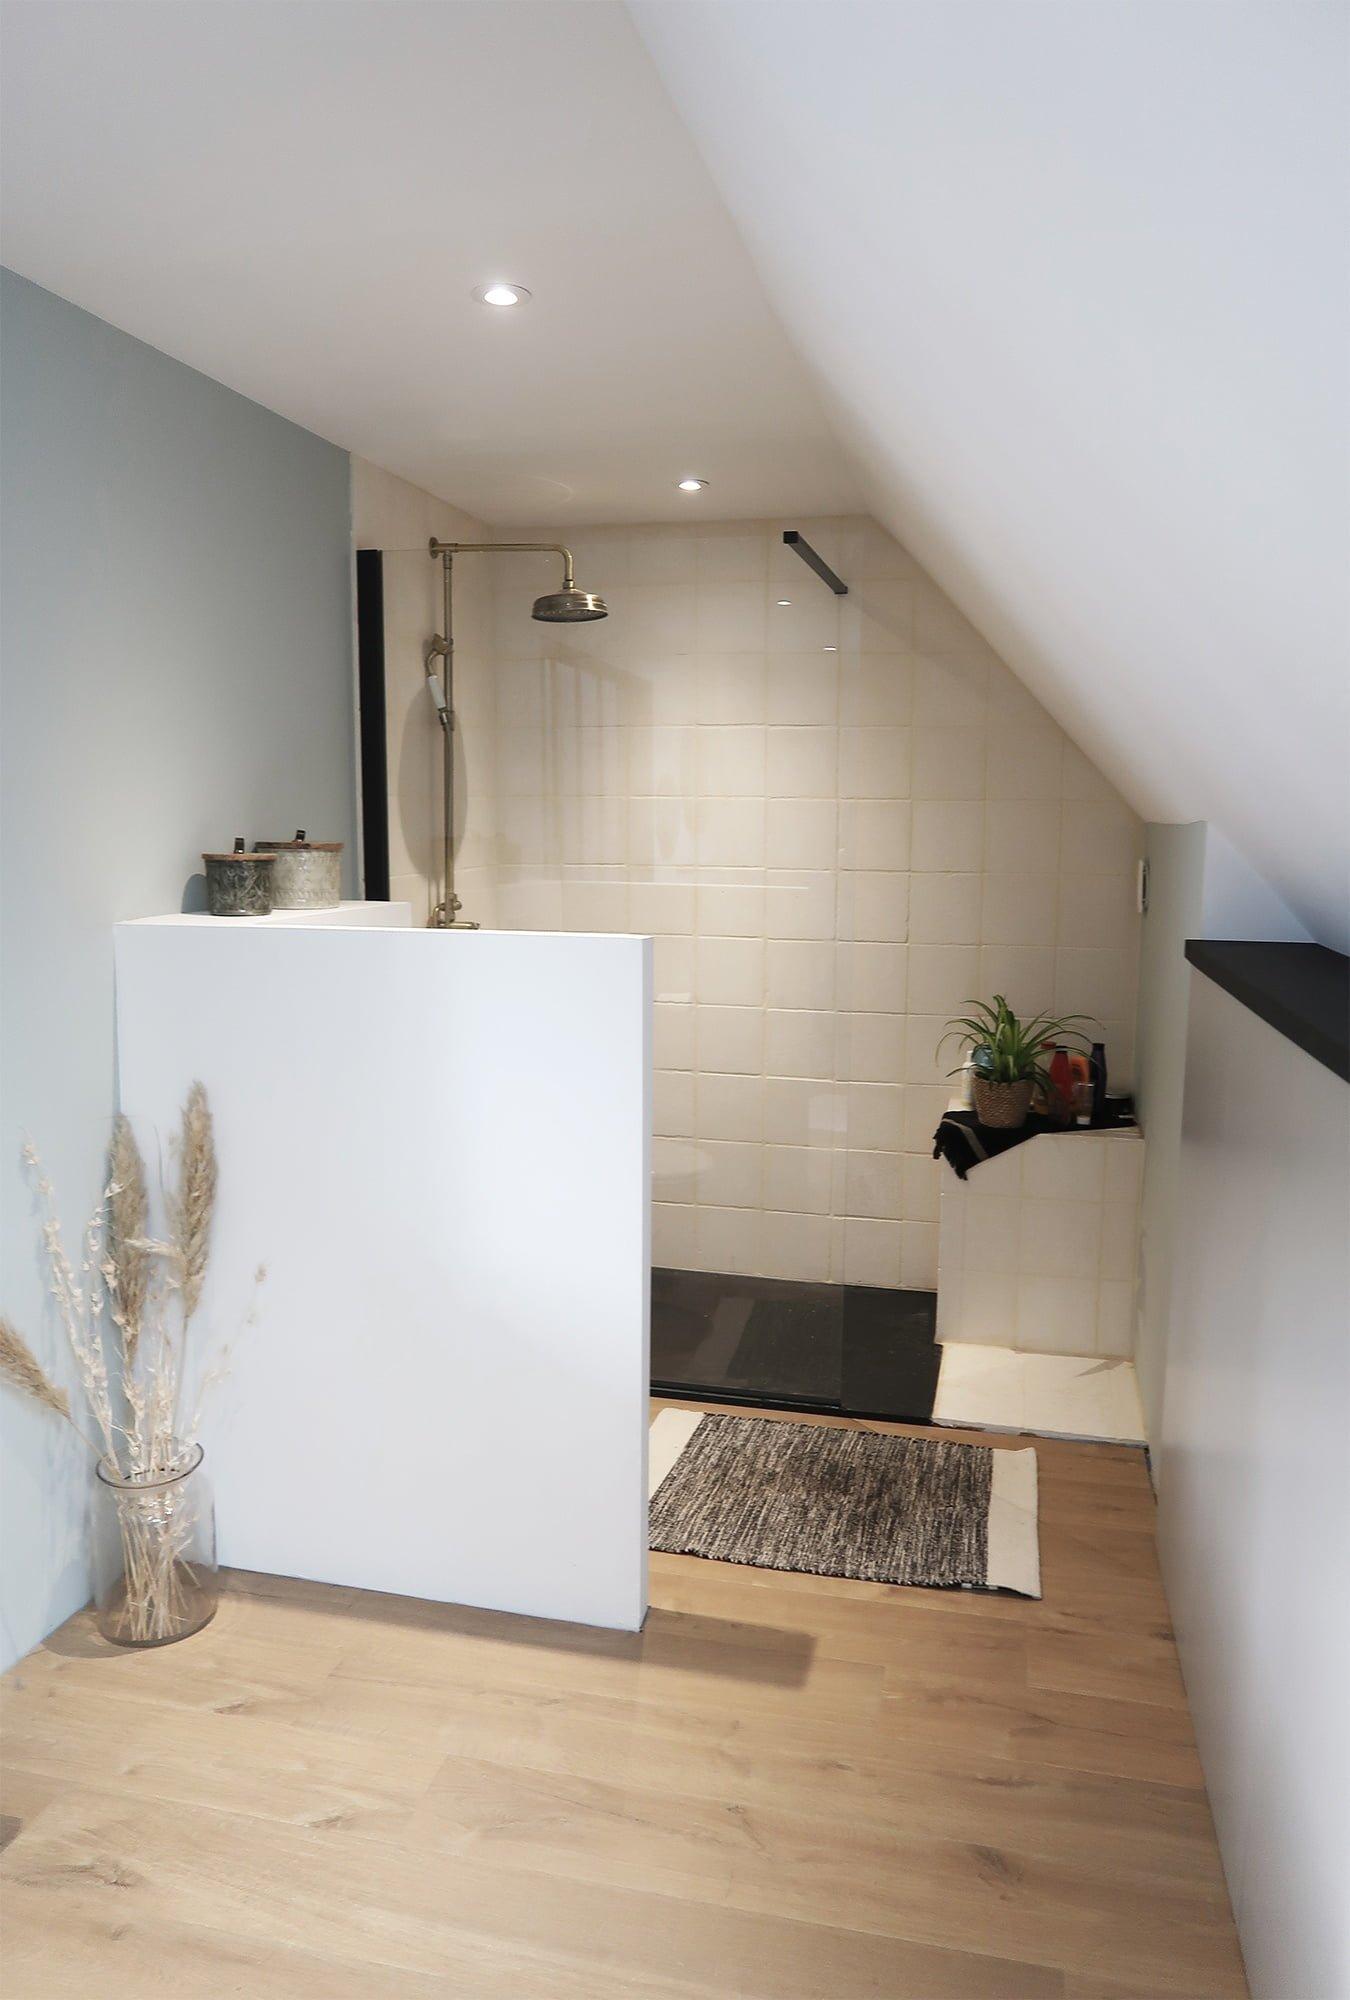 salle de bain douche agencement ls studio architecte intérieur vannes